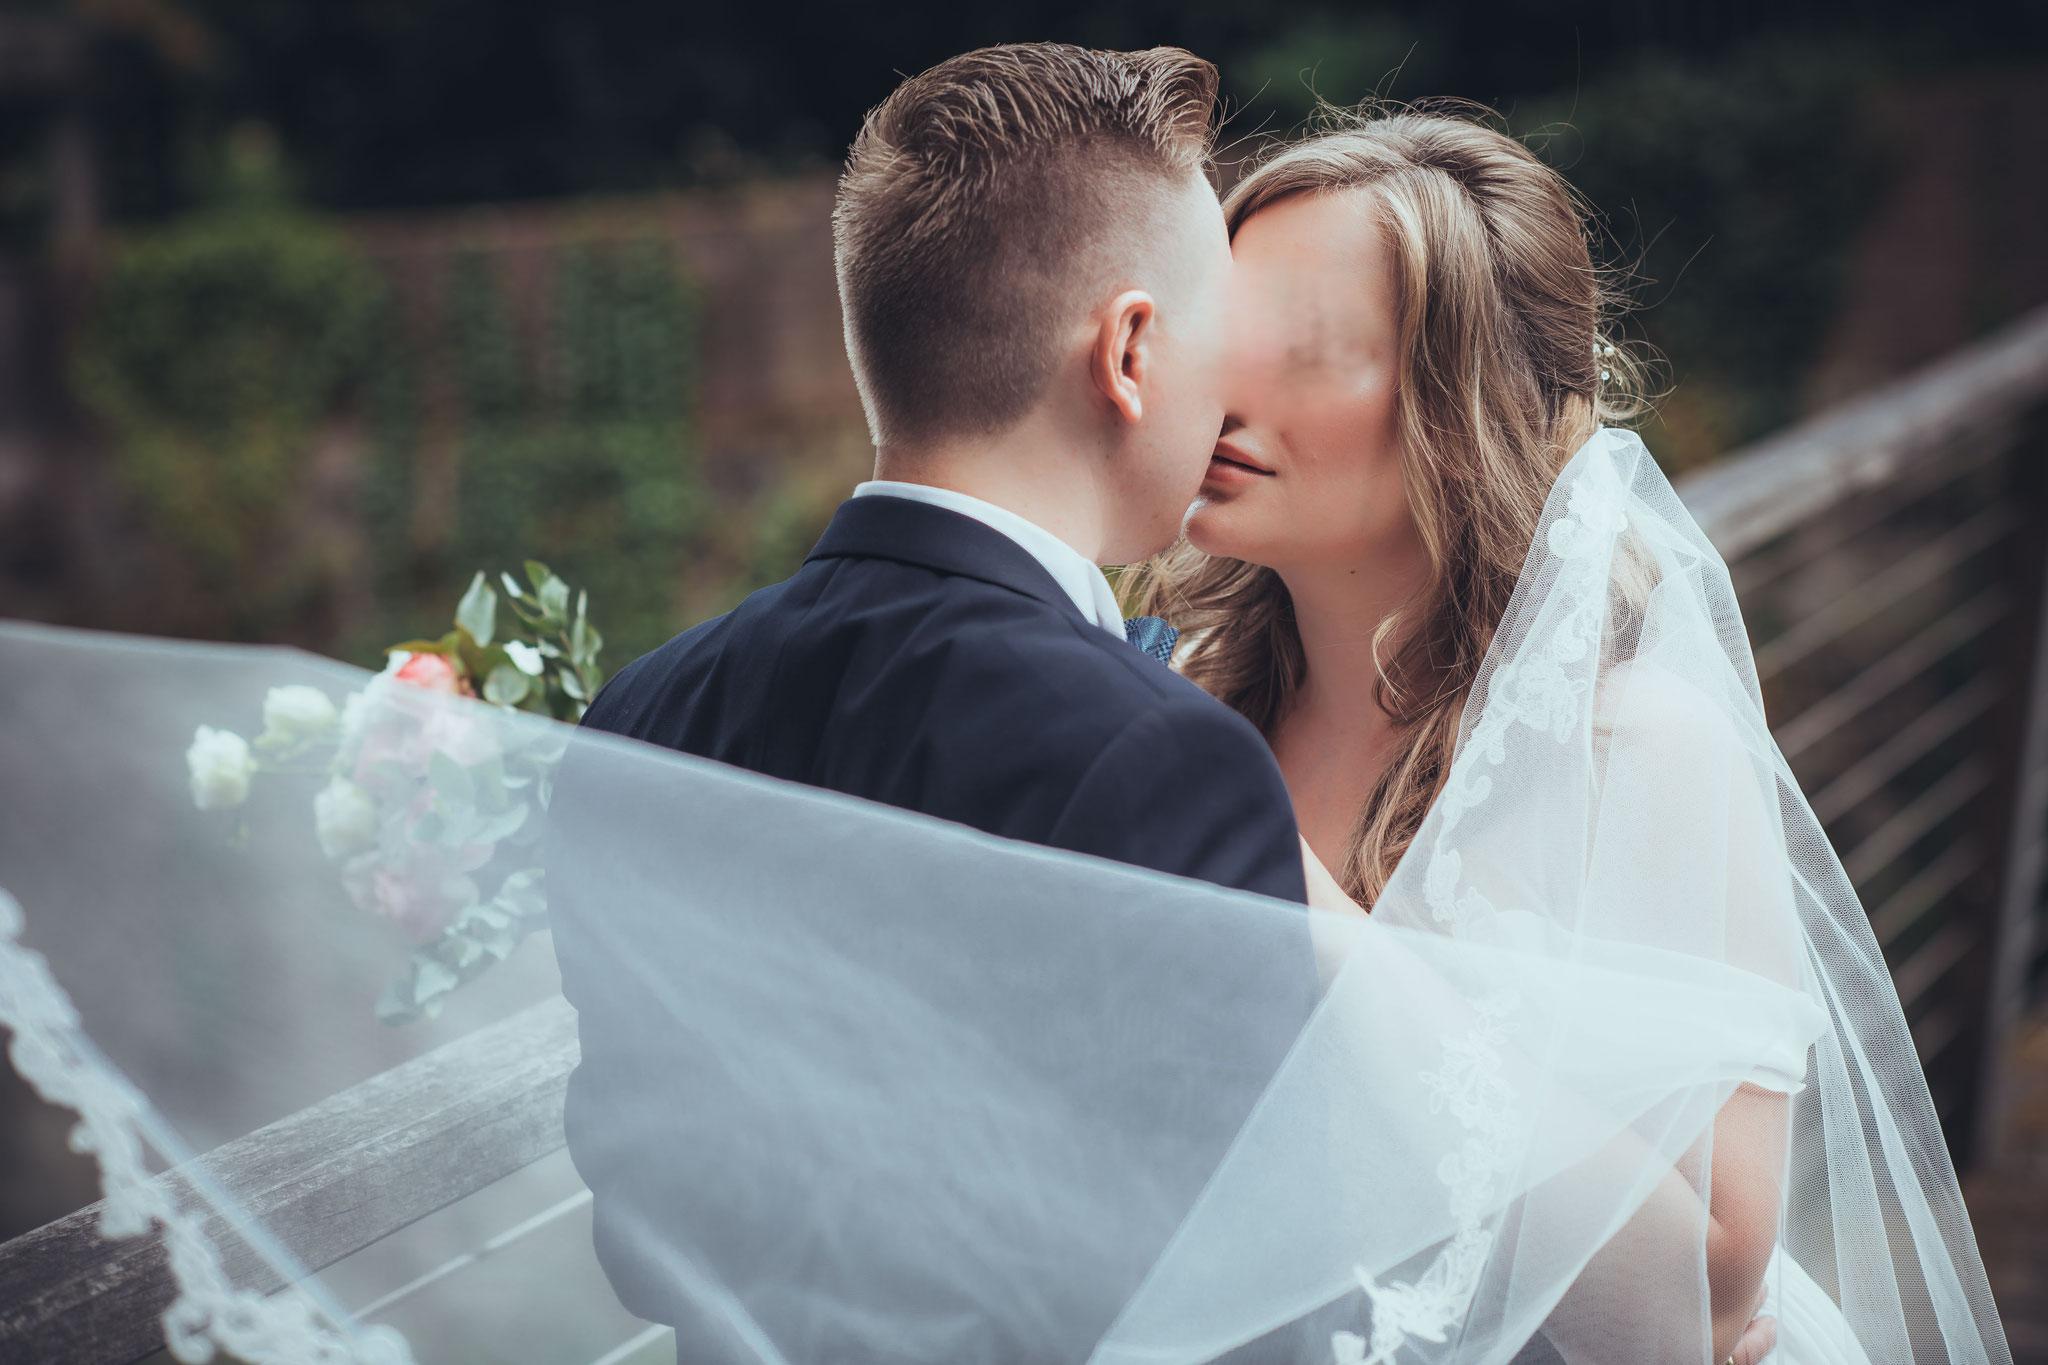 Ihr Hochzeitsfotograf für moderne und unvergessliche Hochzeitsfotos in Neuss